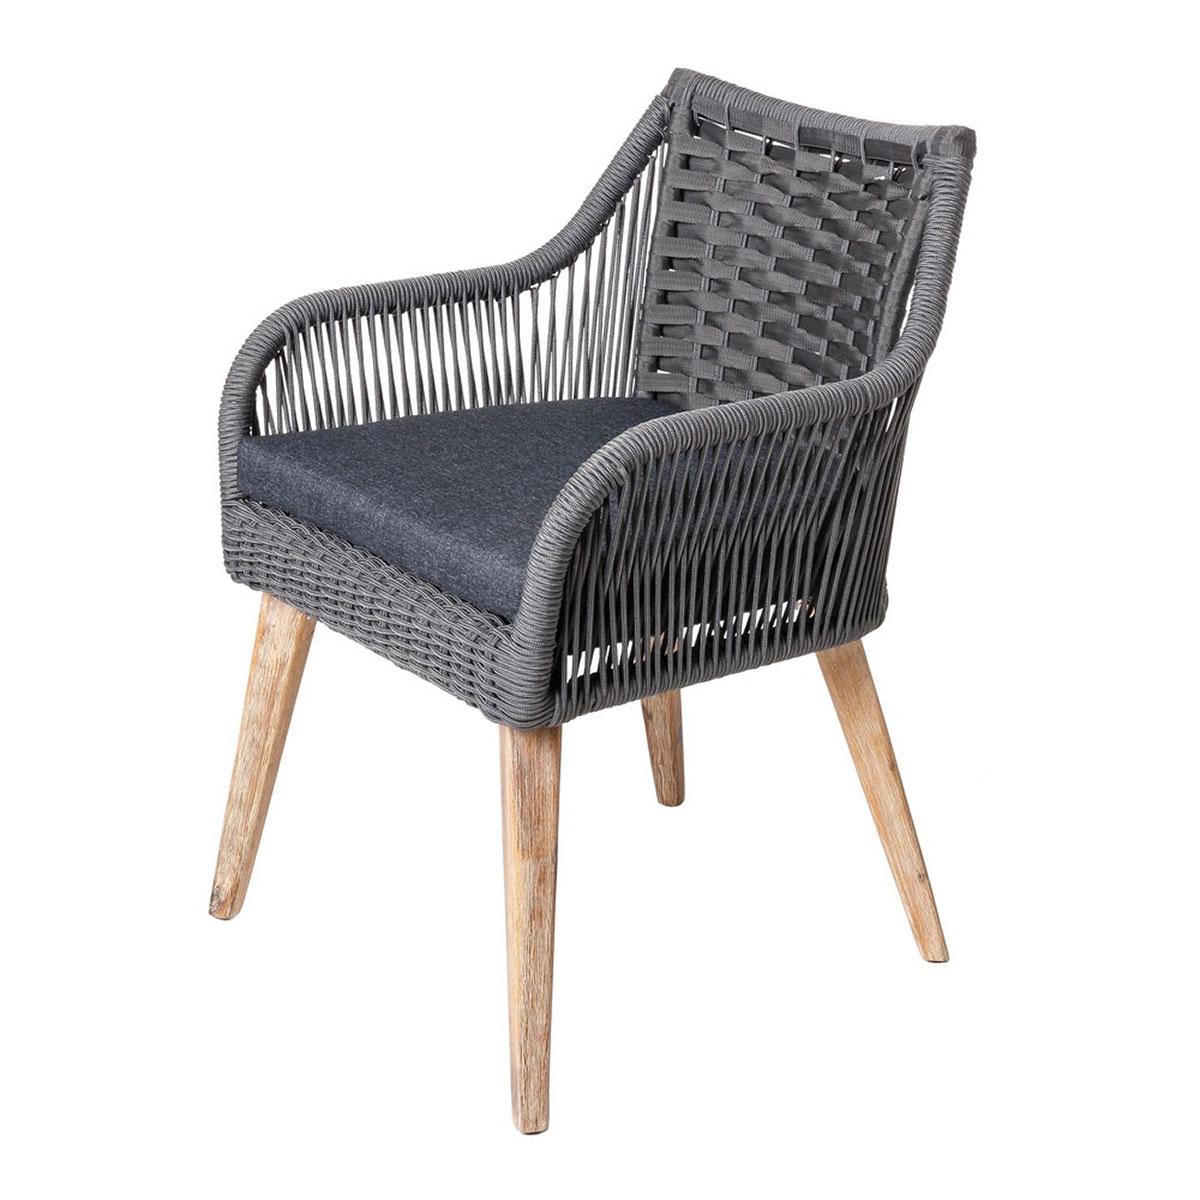 Lot de 4 chaises naturelles en corde et bois - Gris - 60.00 cm x 62.00 cm x 83.00 cm